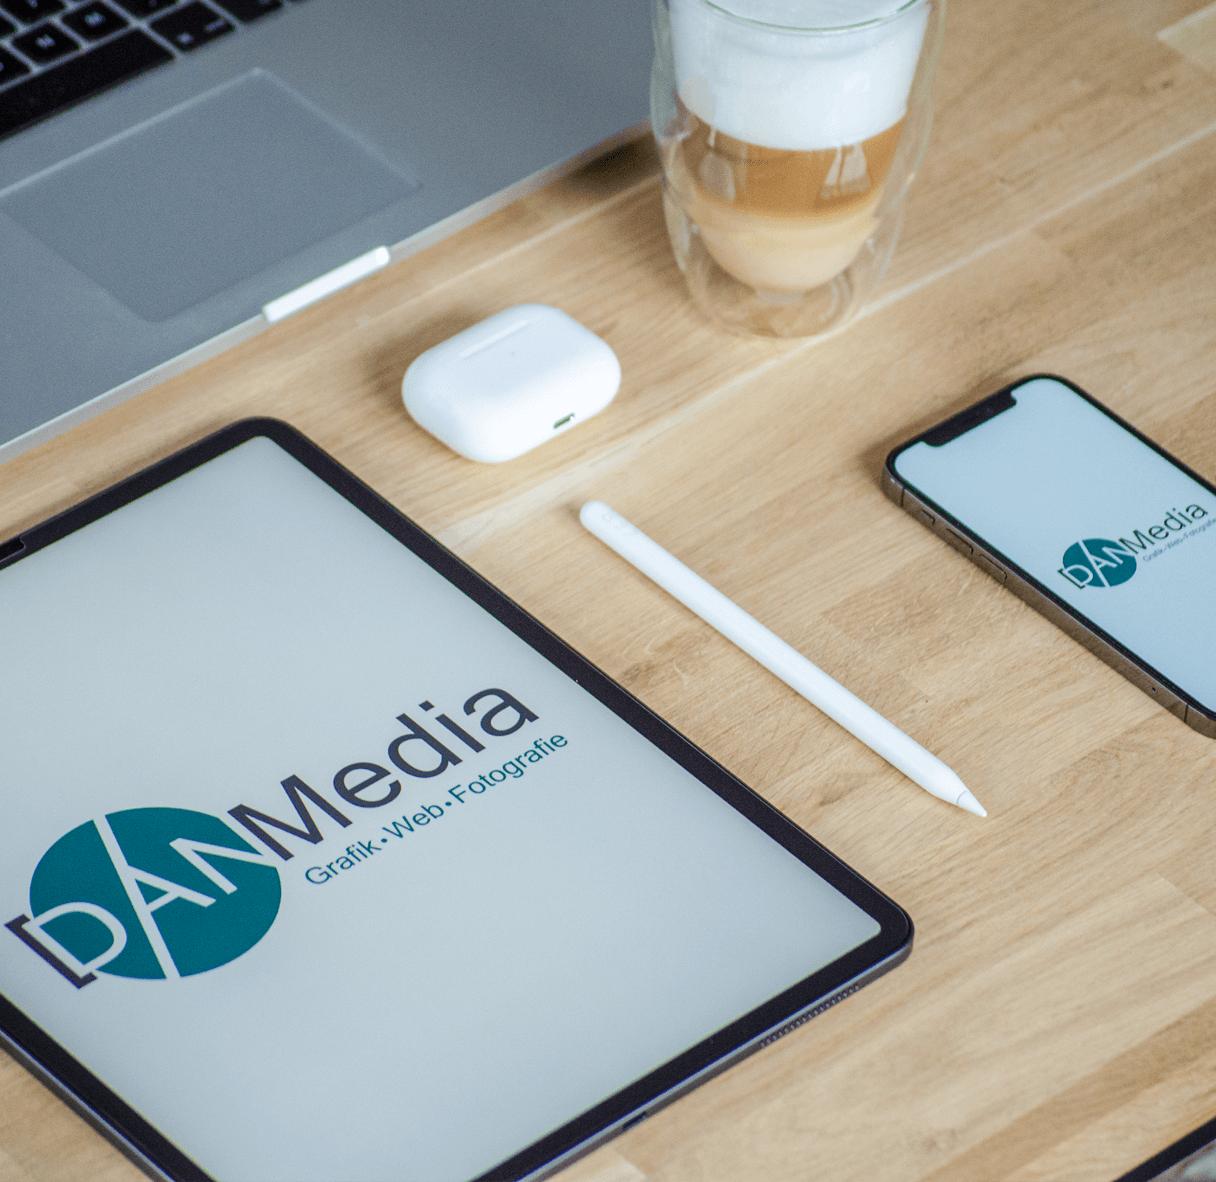 DAN Media